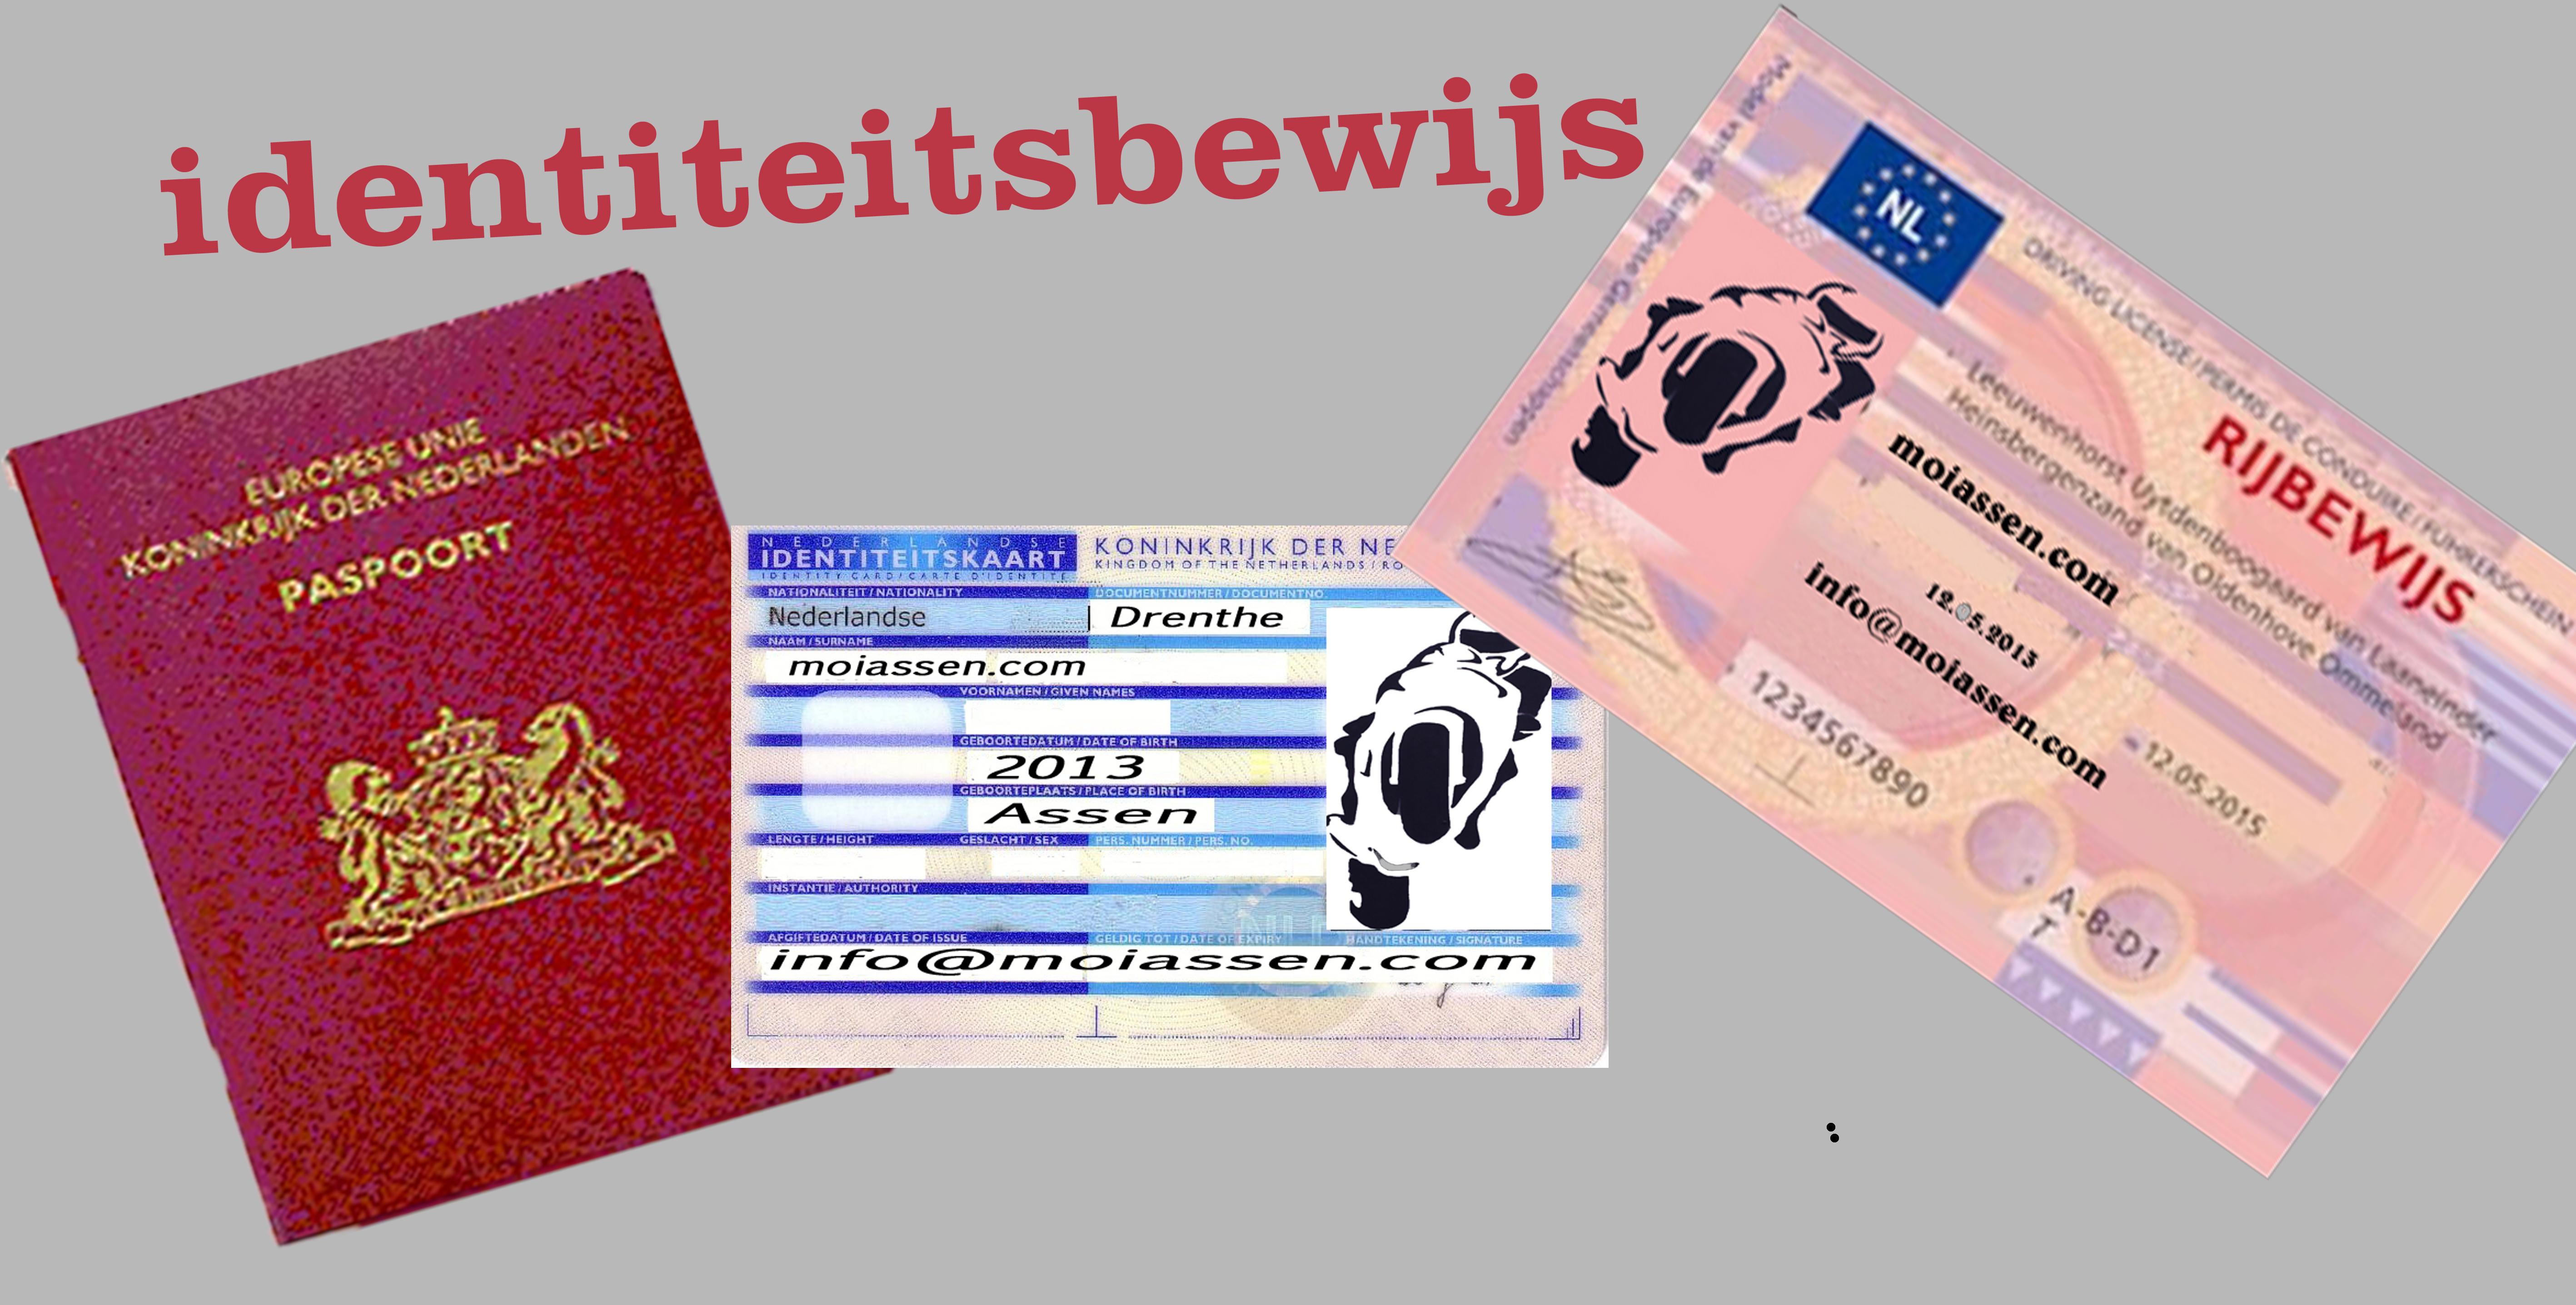 De gemeente Assen gaat de strijd aan met identiteitsfraude